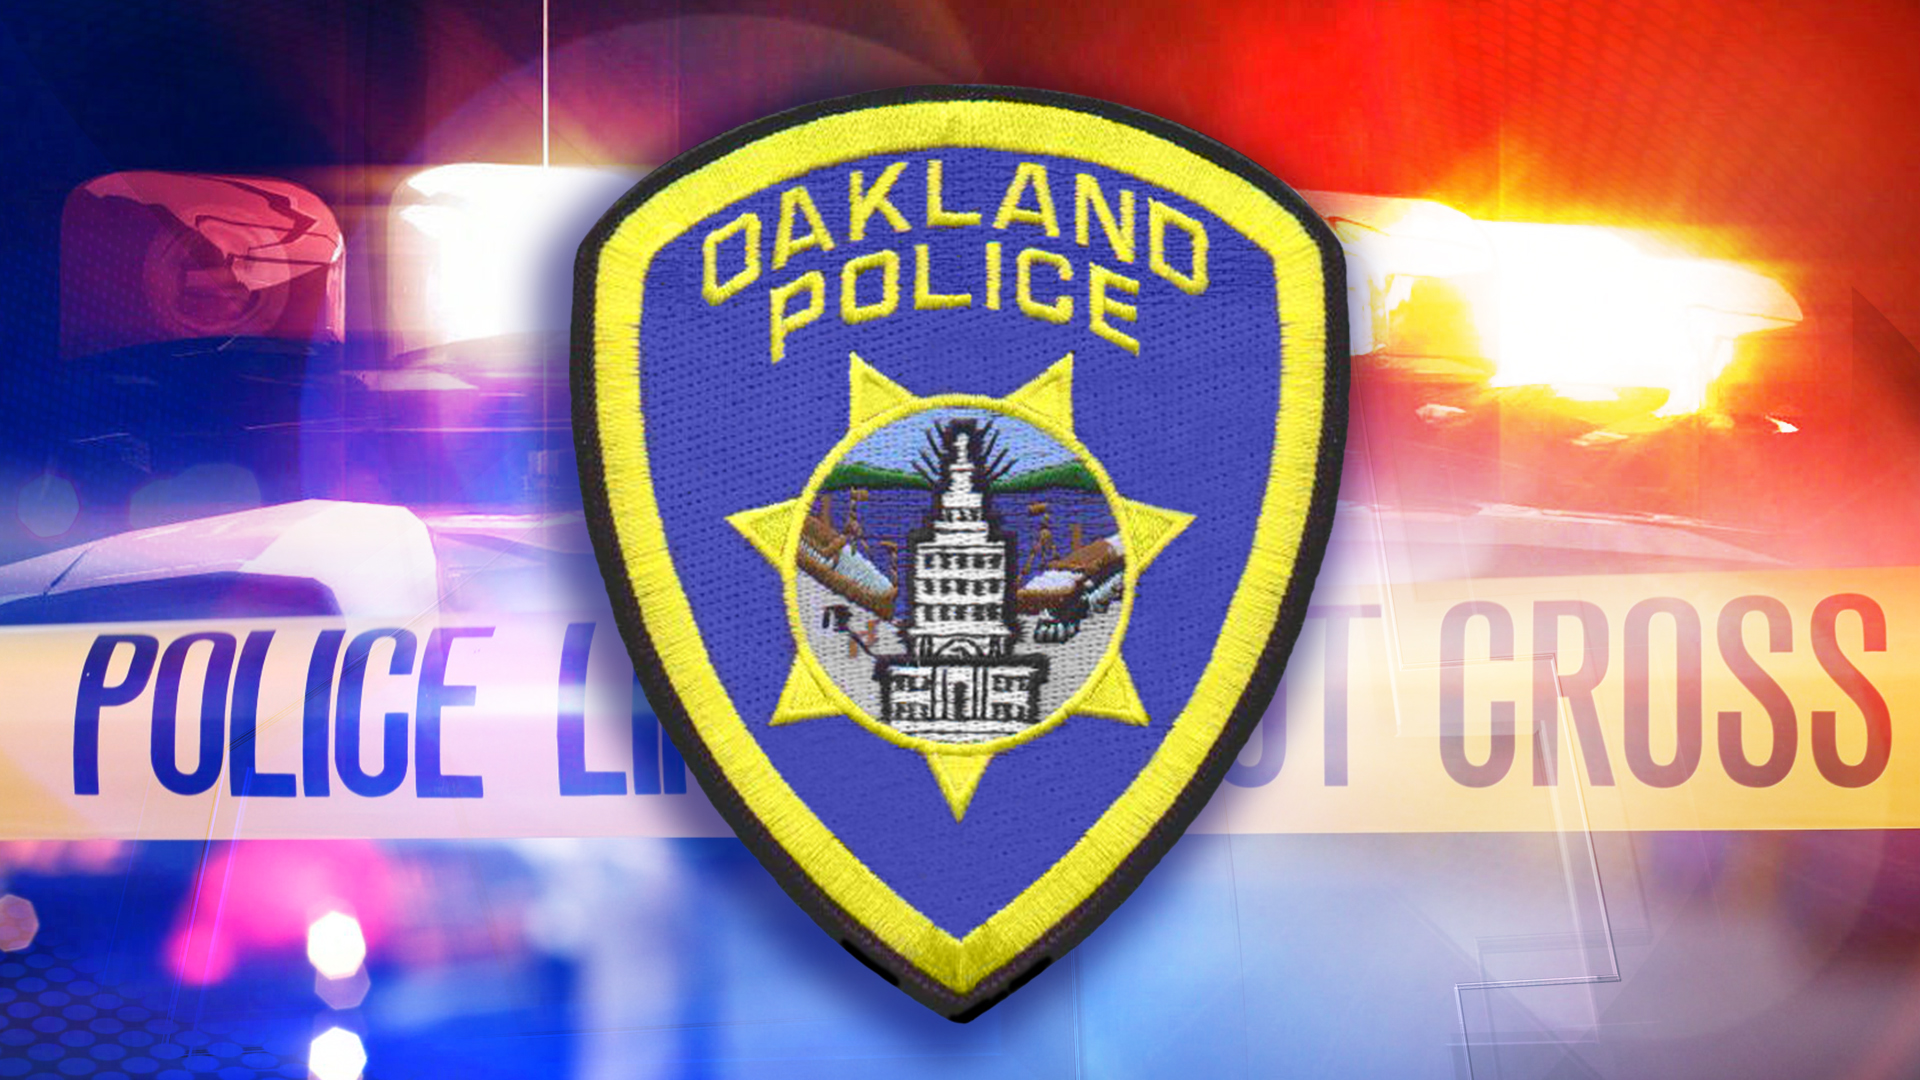 graphic FS Police Oakland police_1523150832242.jpg.jpg